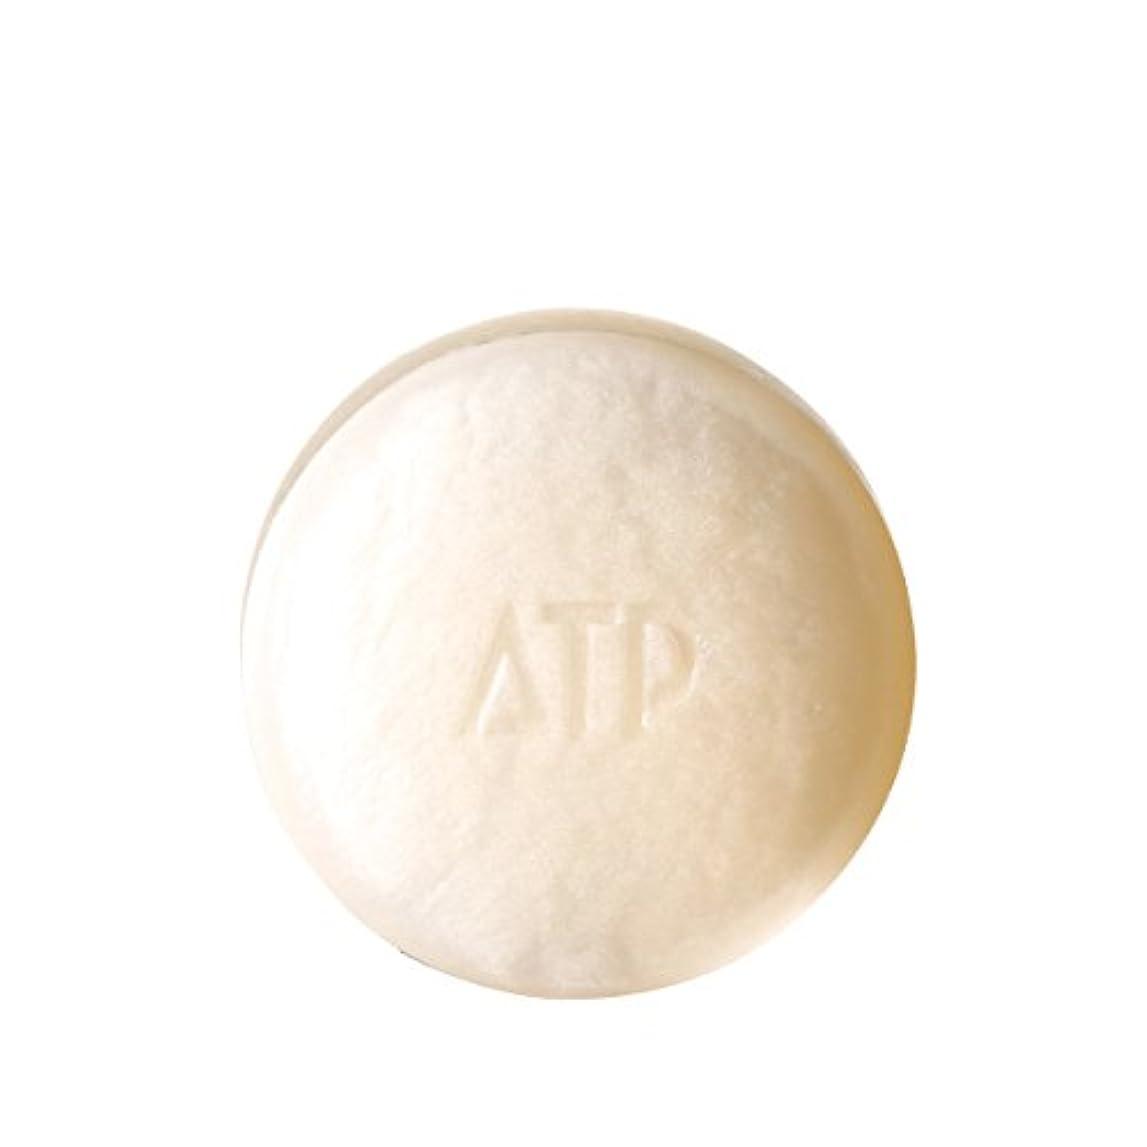 代数的確立電極ラシンシア ATP デリケアソープ 100g 【全身用洗浄石けん】